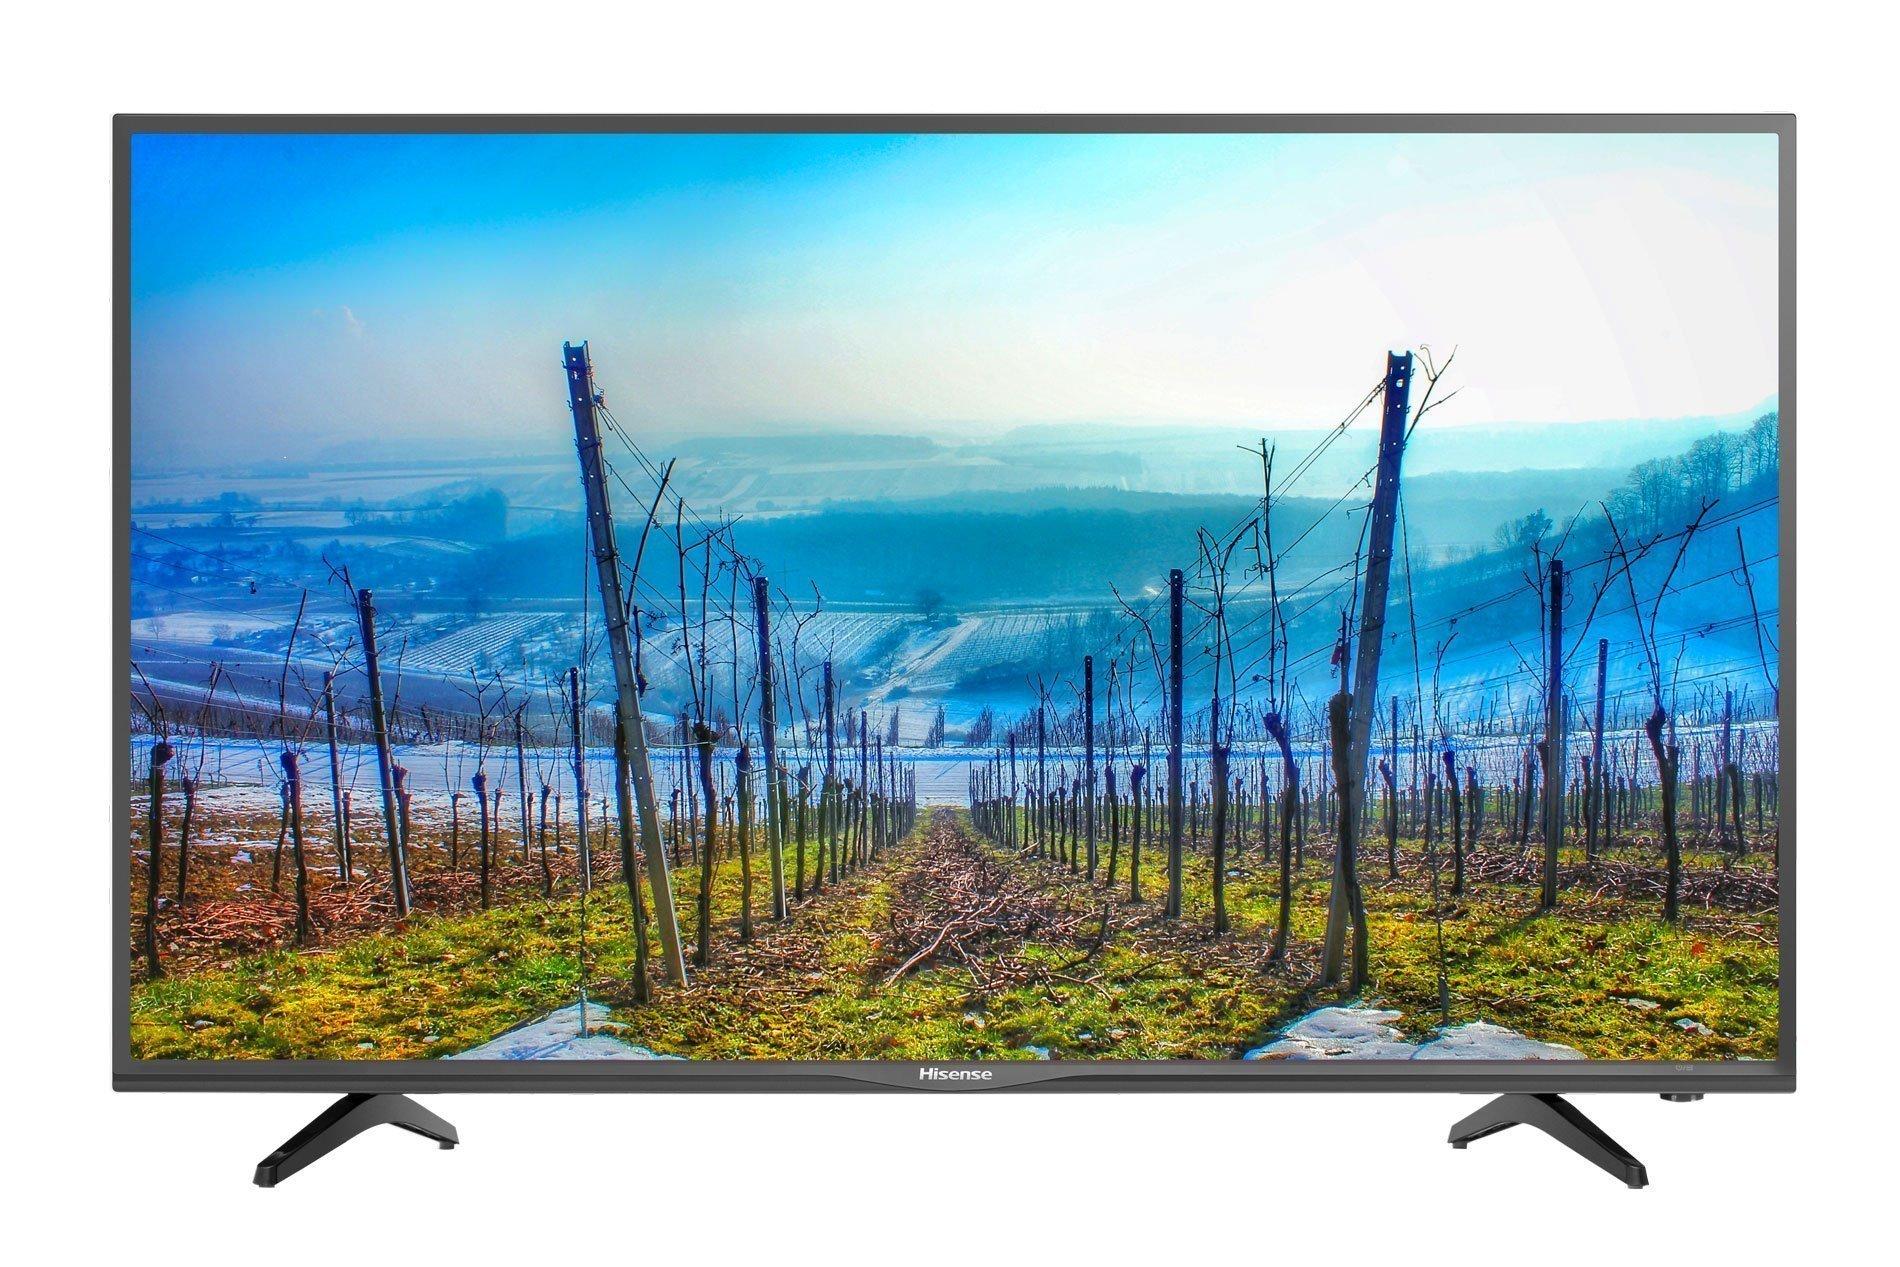 Hisense 43n2170pw 43 Fhd Smart Led Tv R703000 Led Tvs